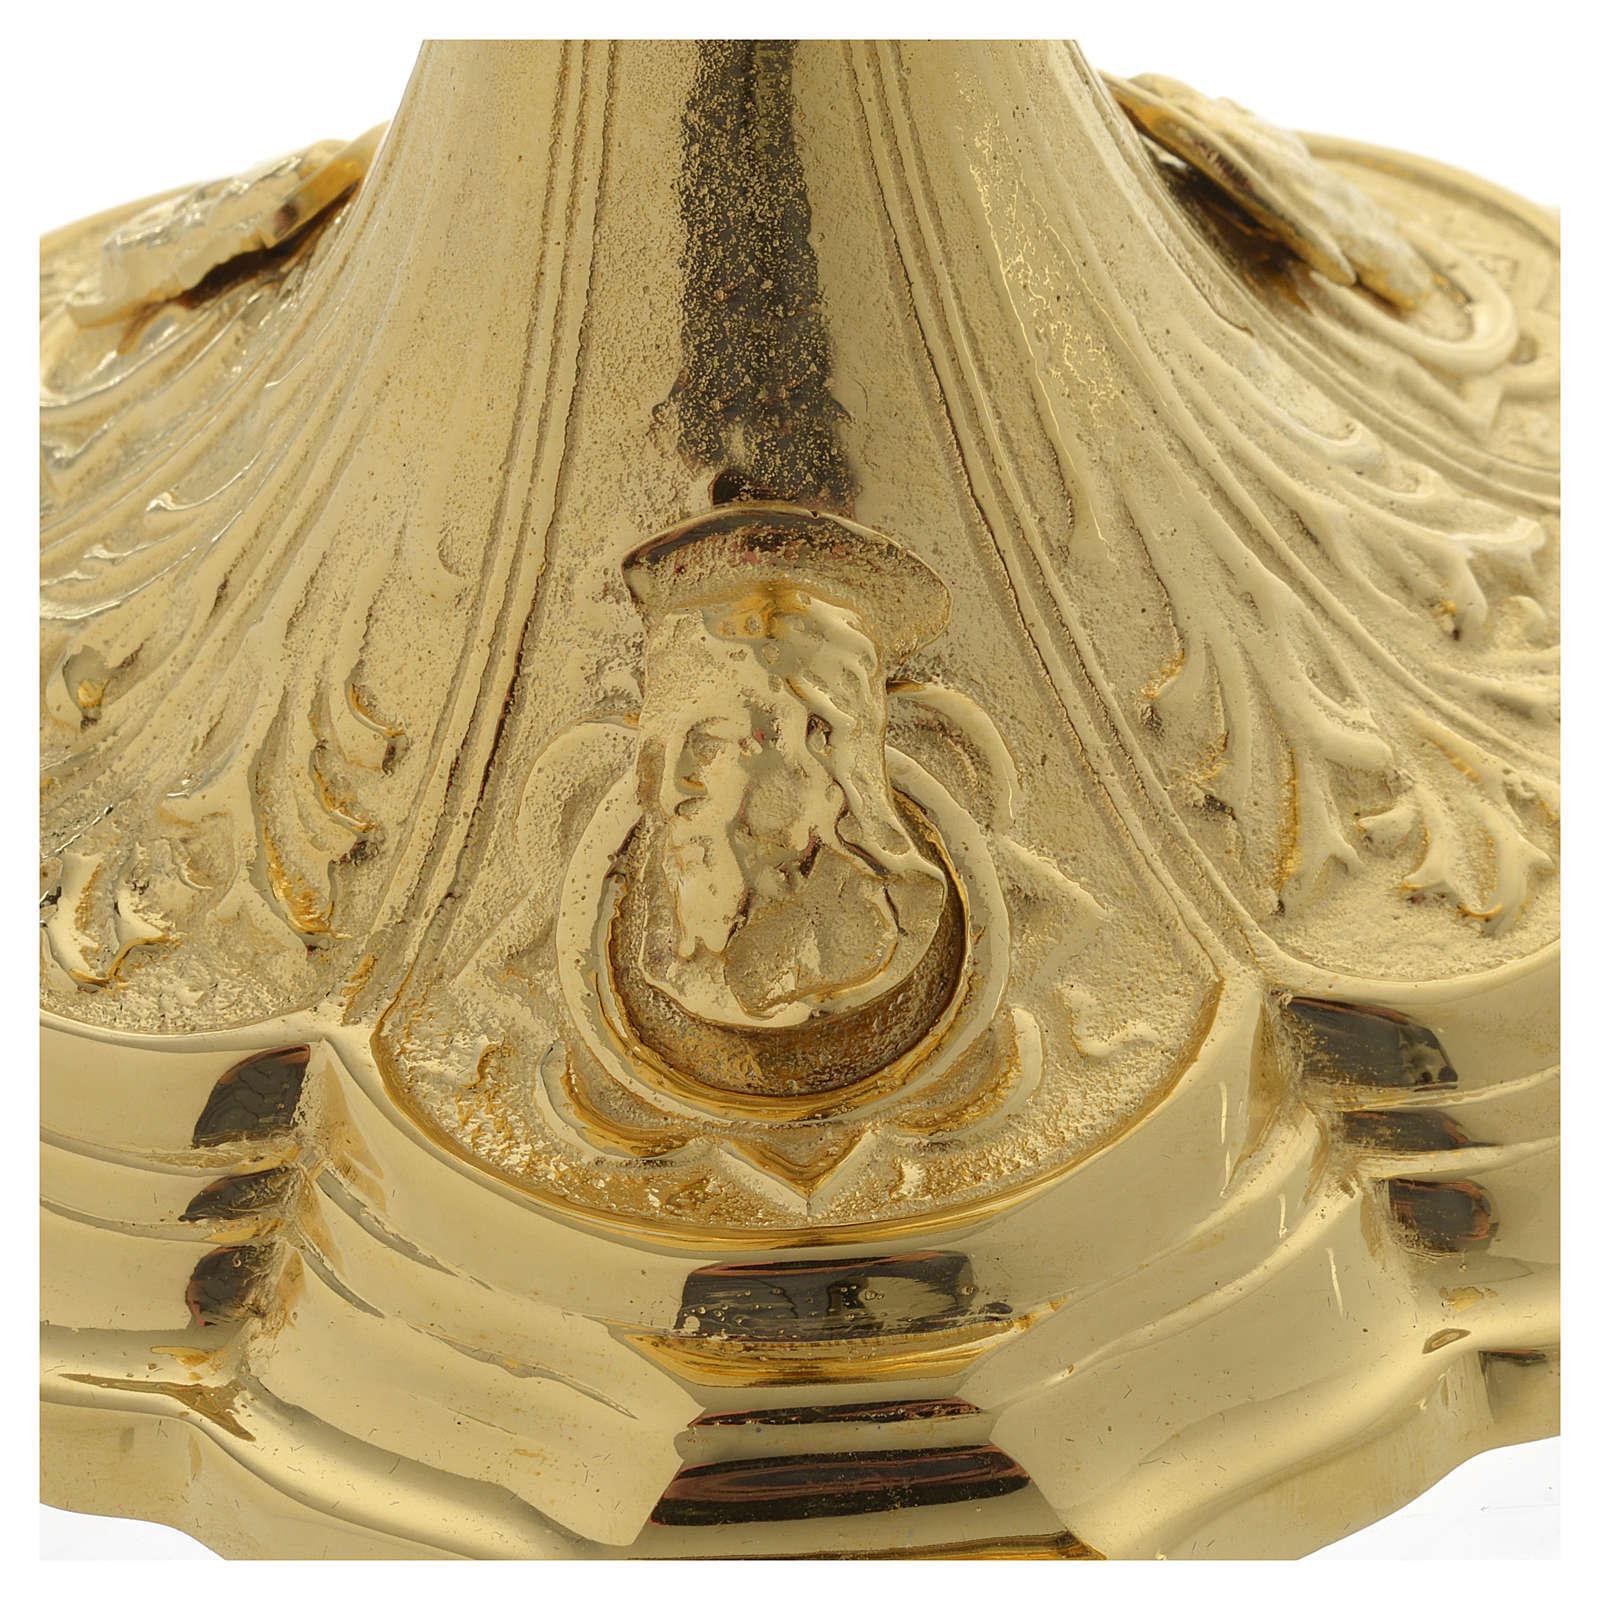 Pisside base volti Gesu Giuseppe Maria e motivo foglie ottone dorato 4